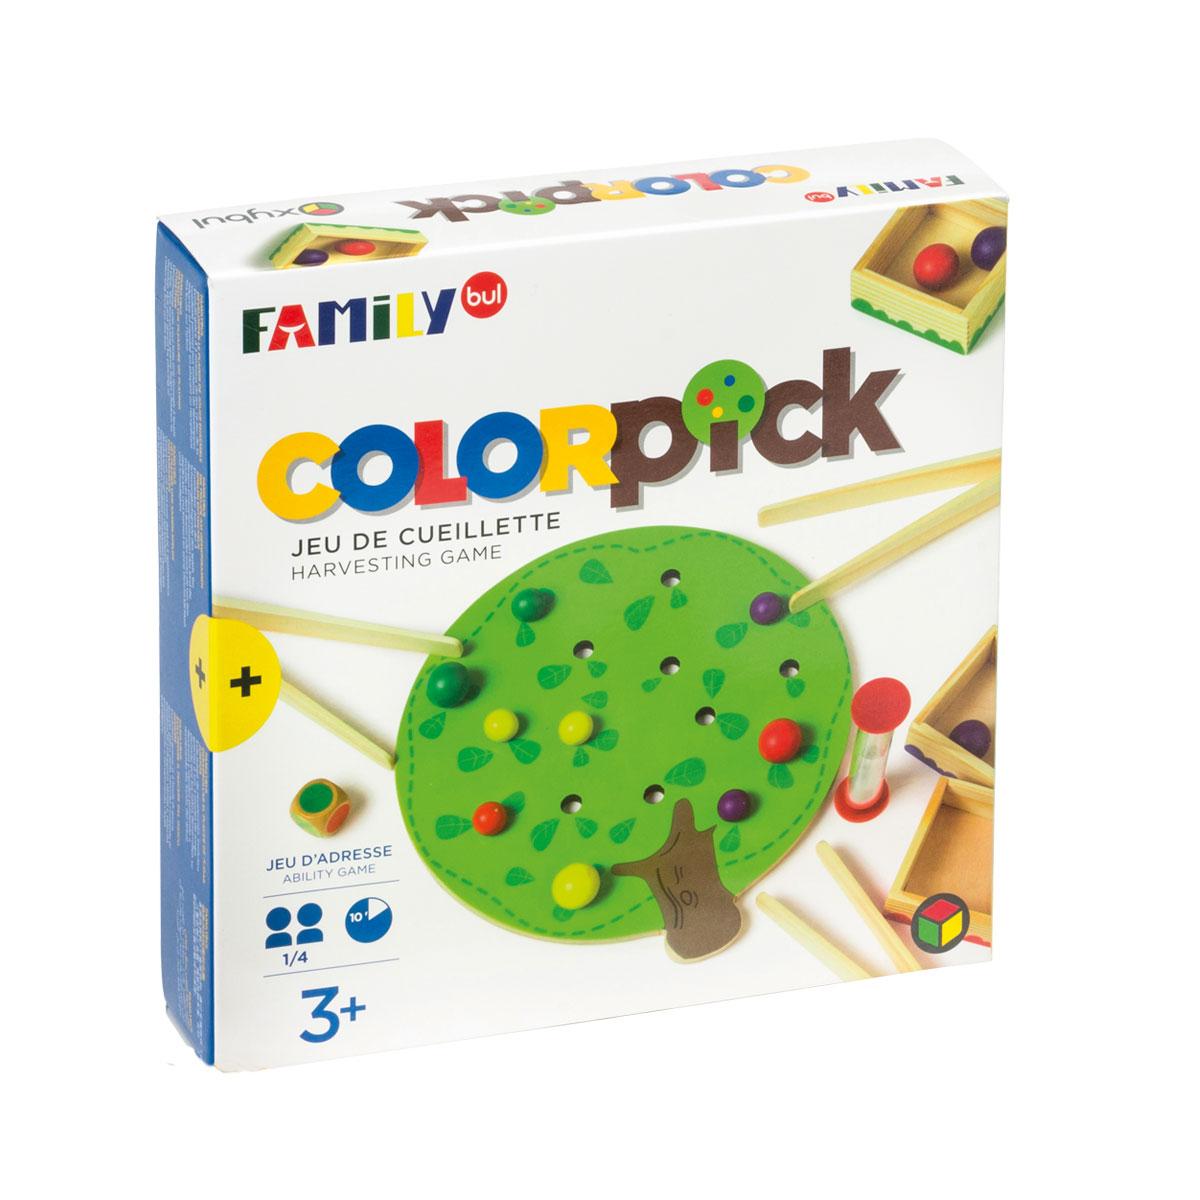 Jeu de société Colorpick